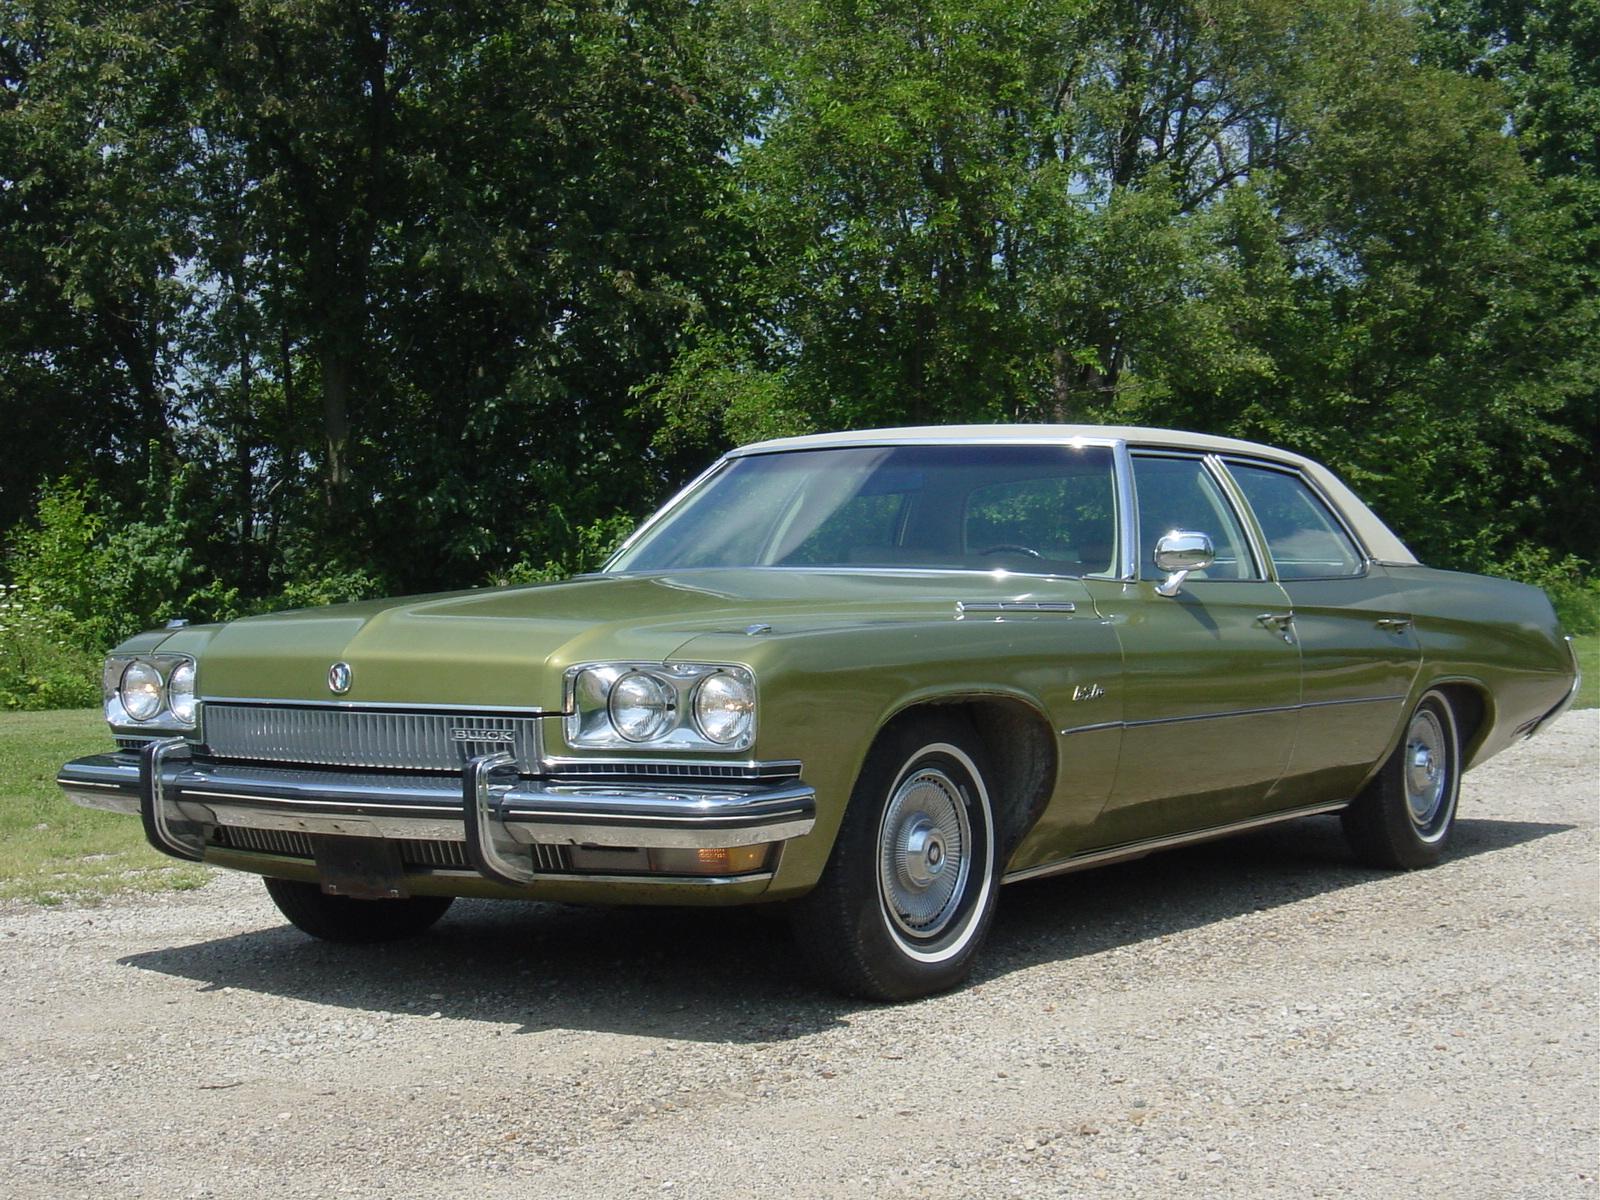 1973 Buick Lesabre Pictures Cargurus